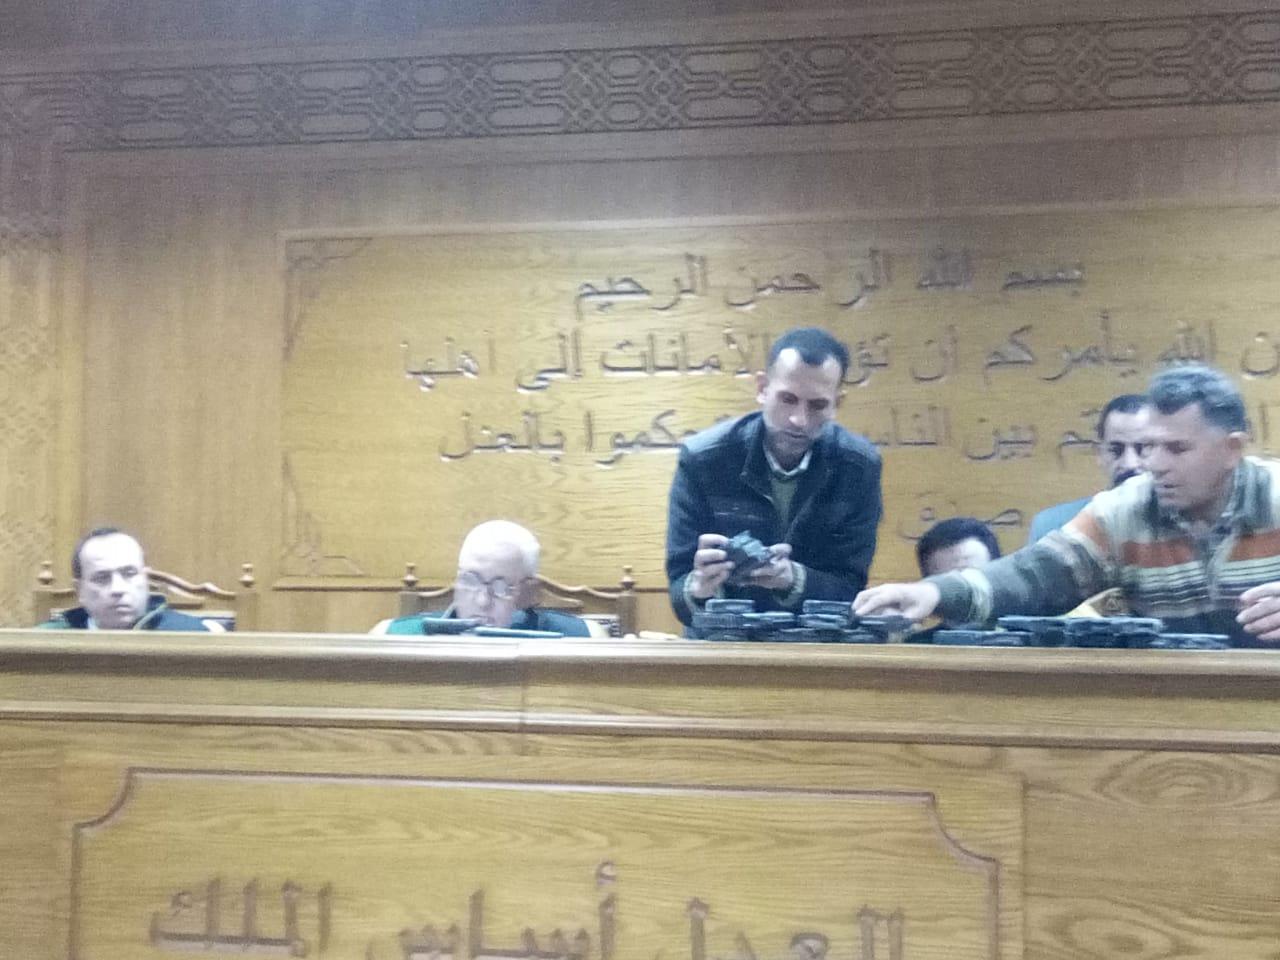 هيئة المحكمة برئاسة المستشار محمد سعيد الشربينى تفض احراز العائدون من ليبيا (1)